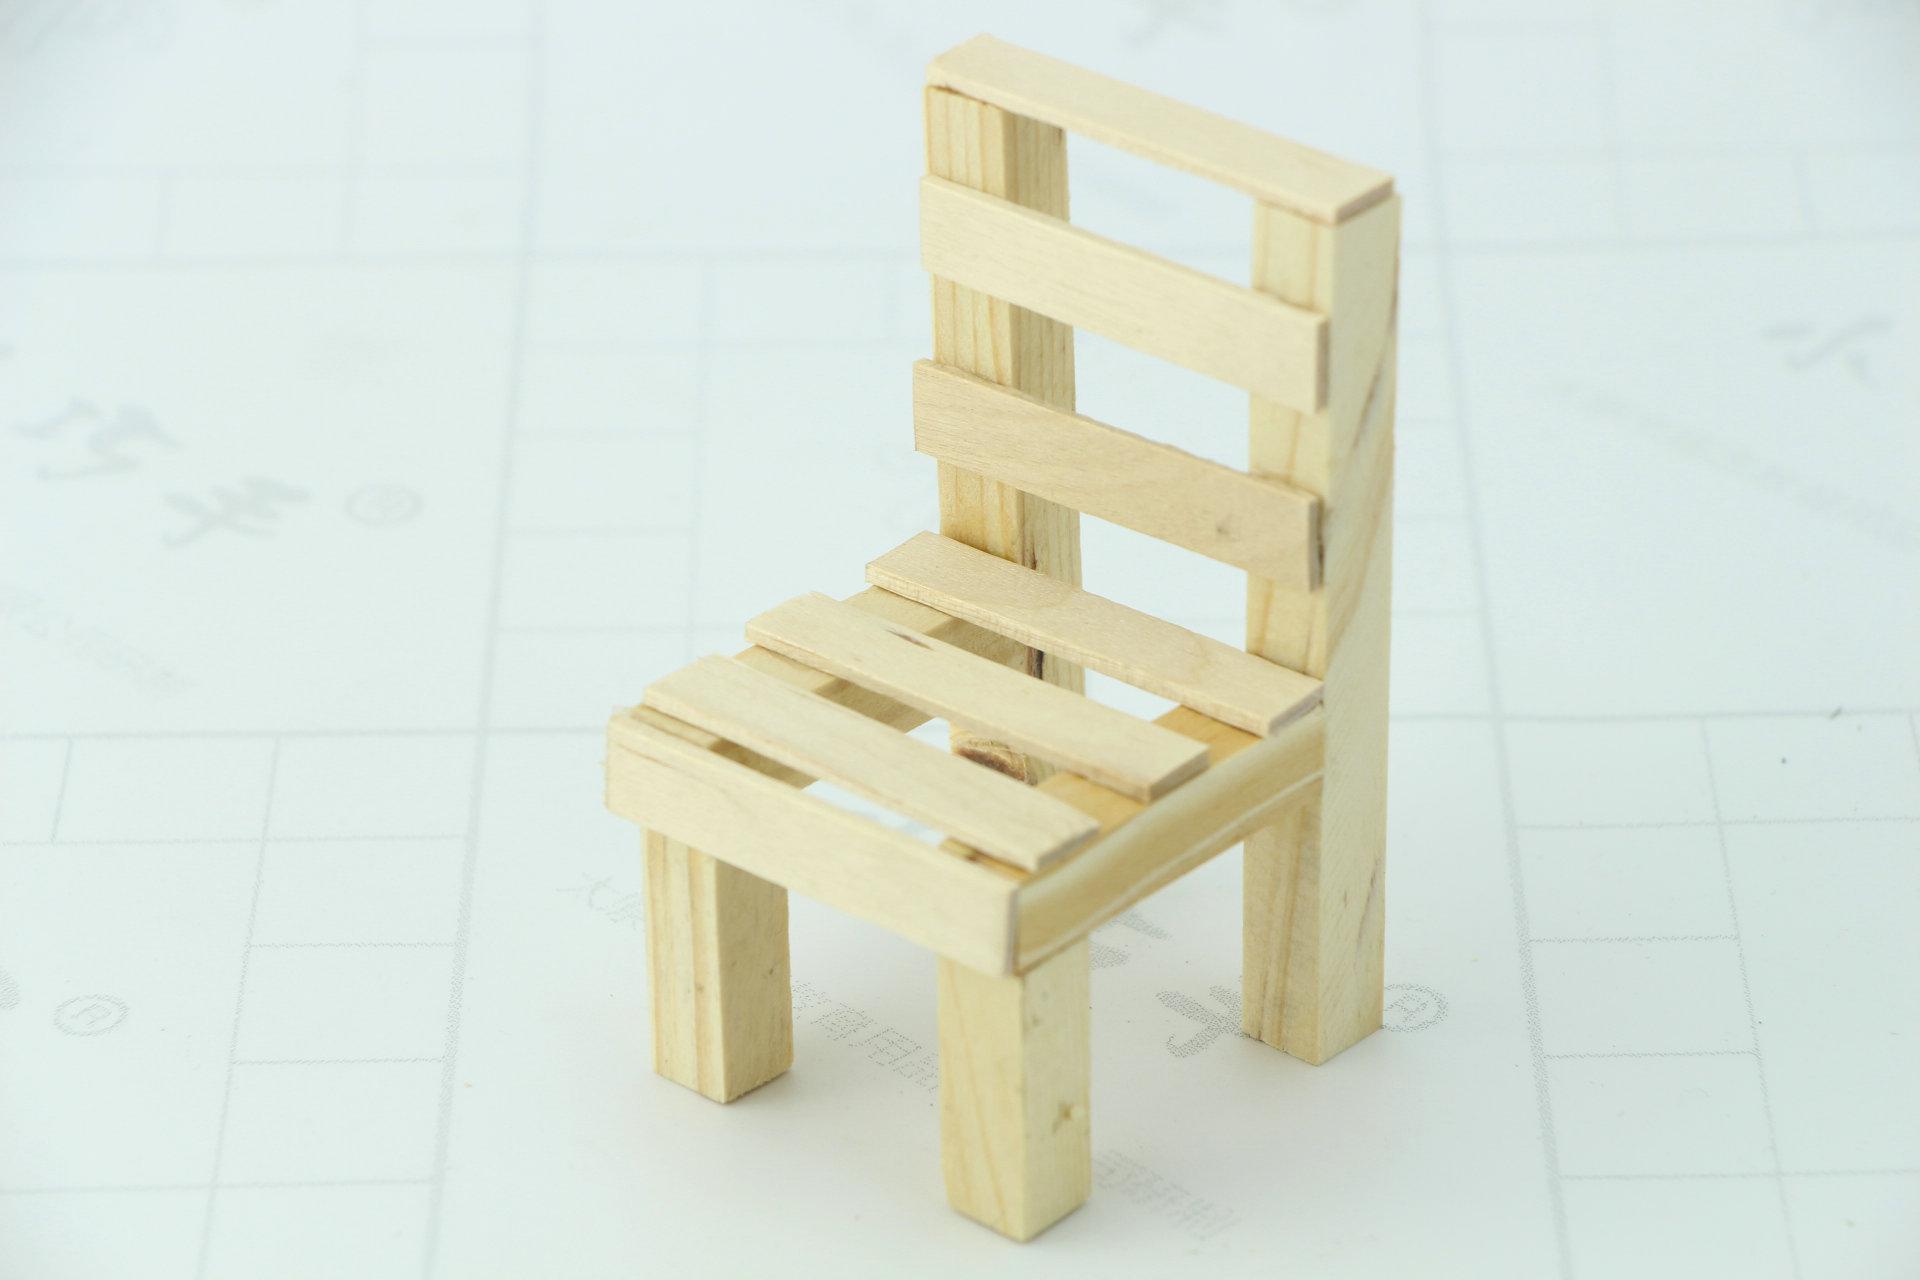 小板凳图片-手工制作小板凳/小板凳图片大全/小板凳